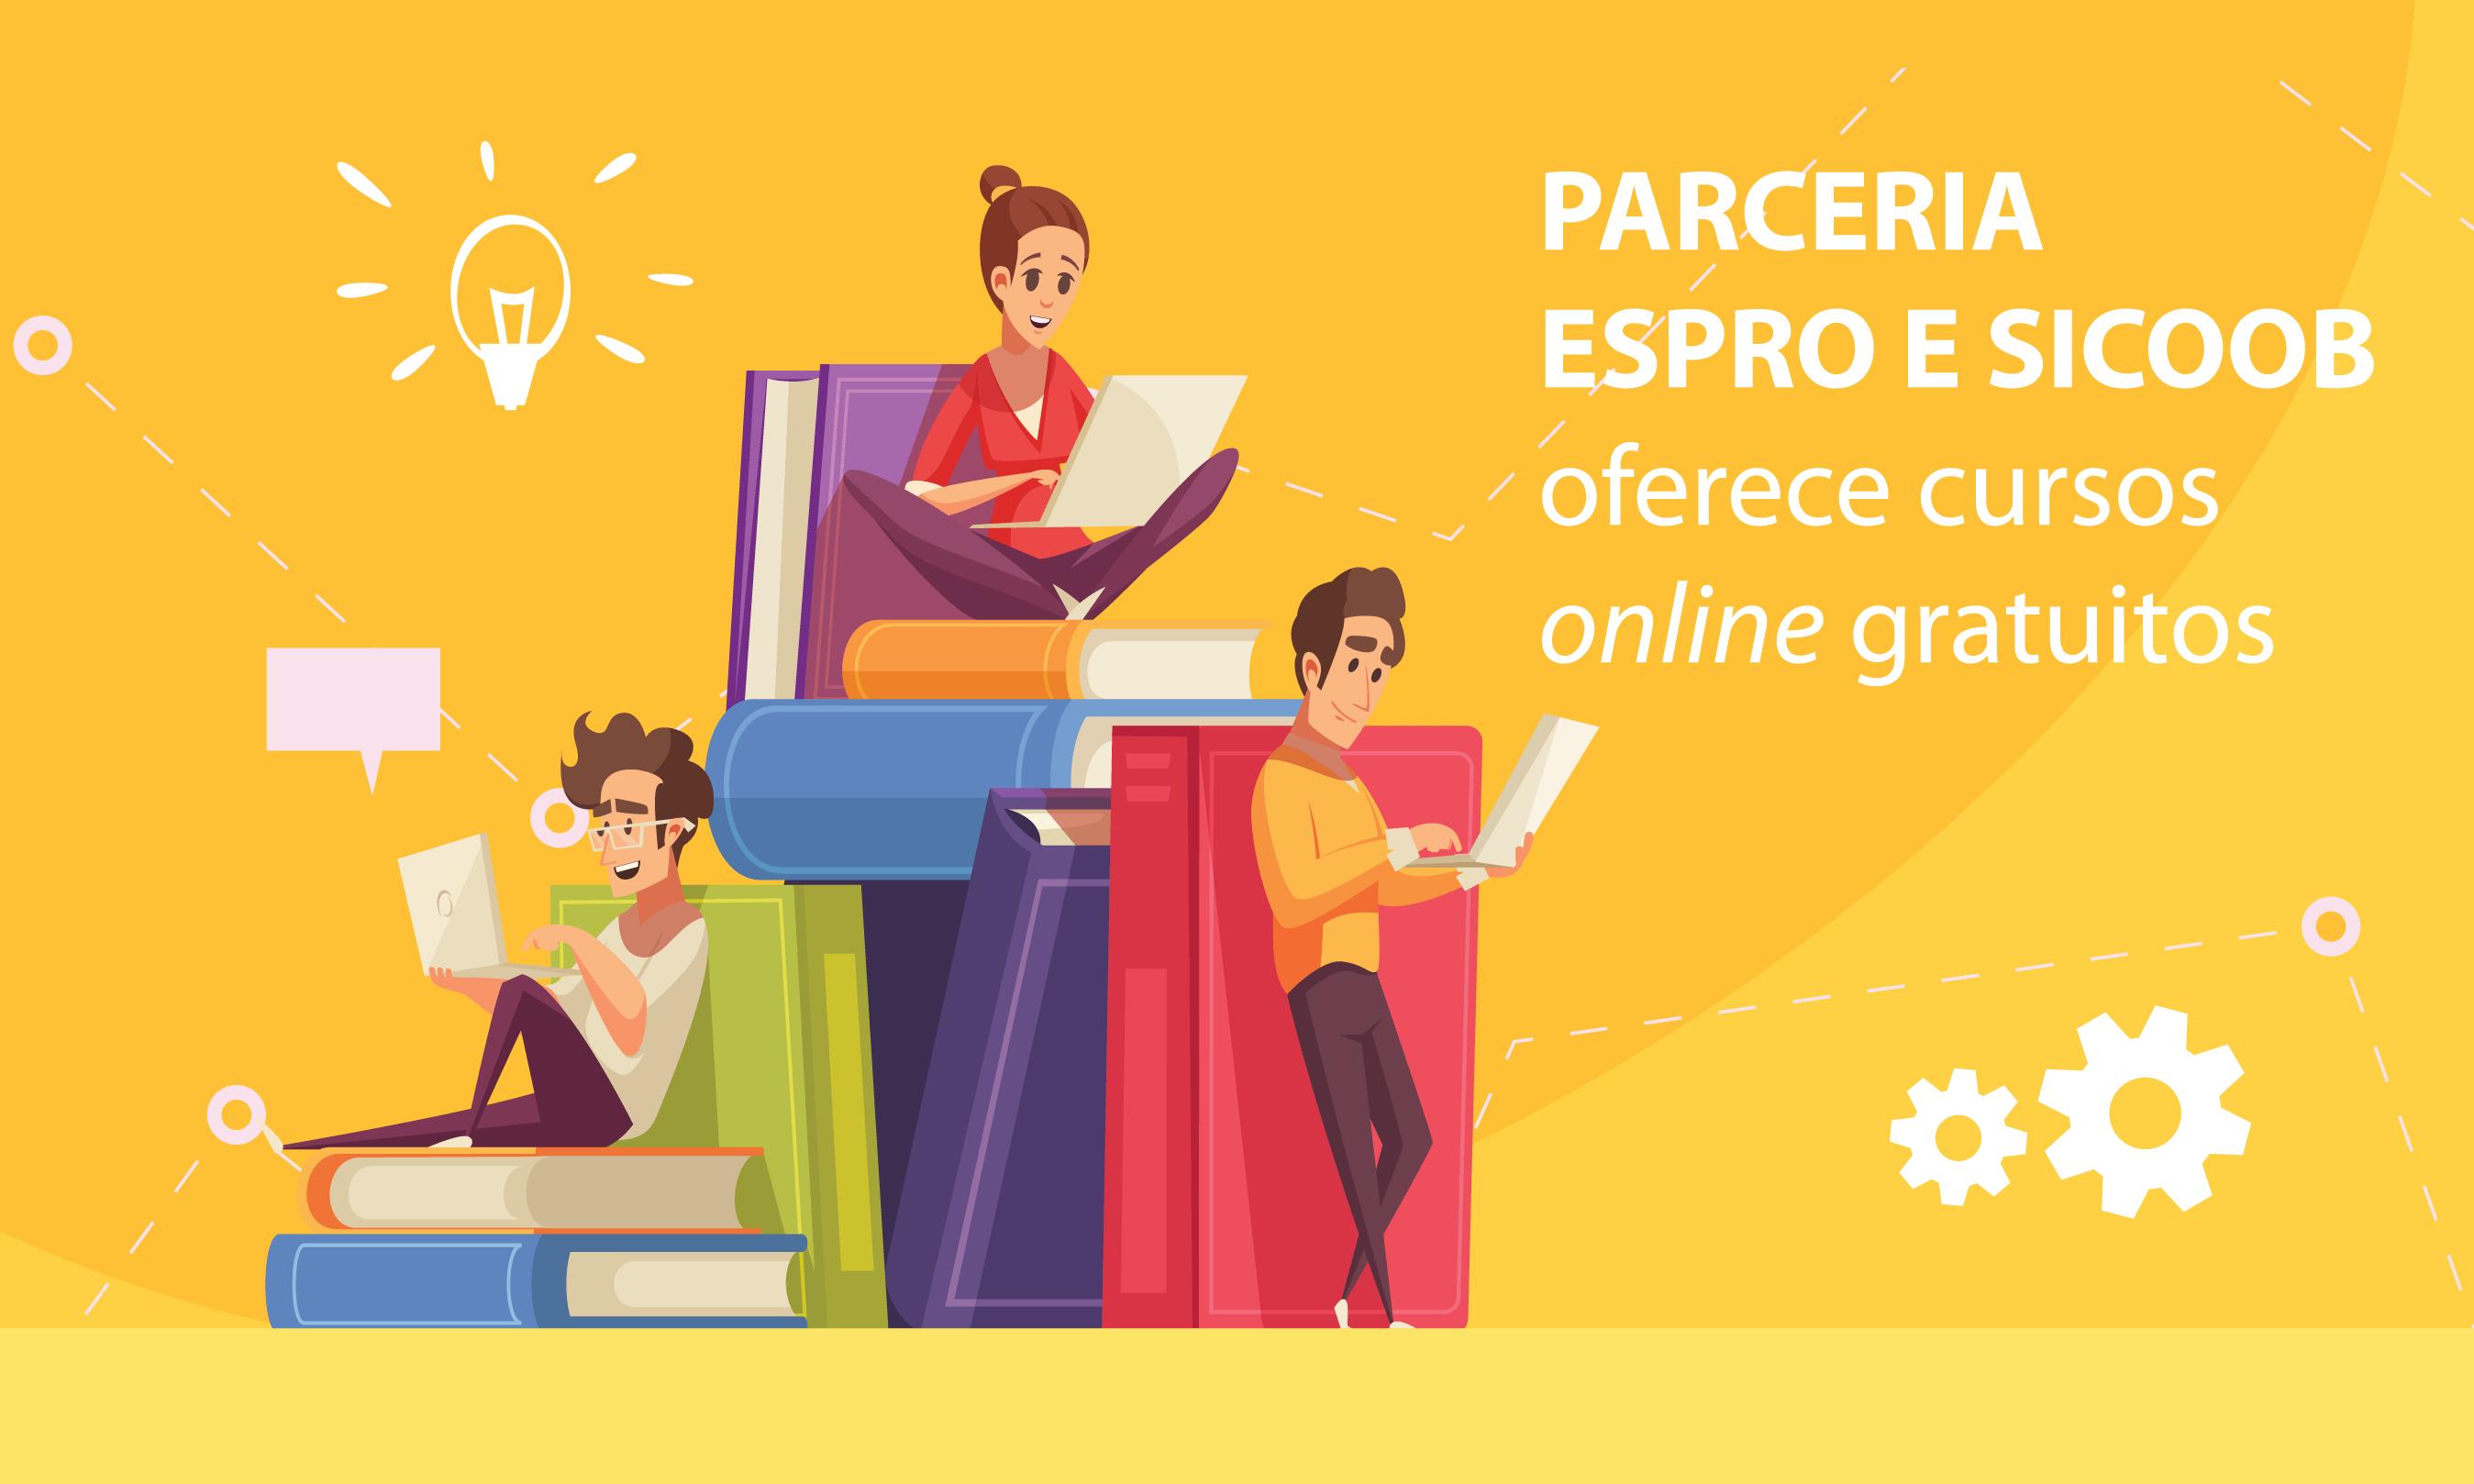 Parceria entre Espro e Sicoob beneficia aprendiz e colaborador com cursos de qualificação